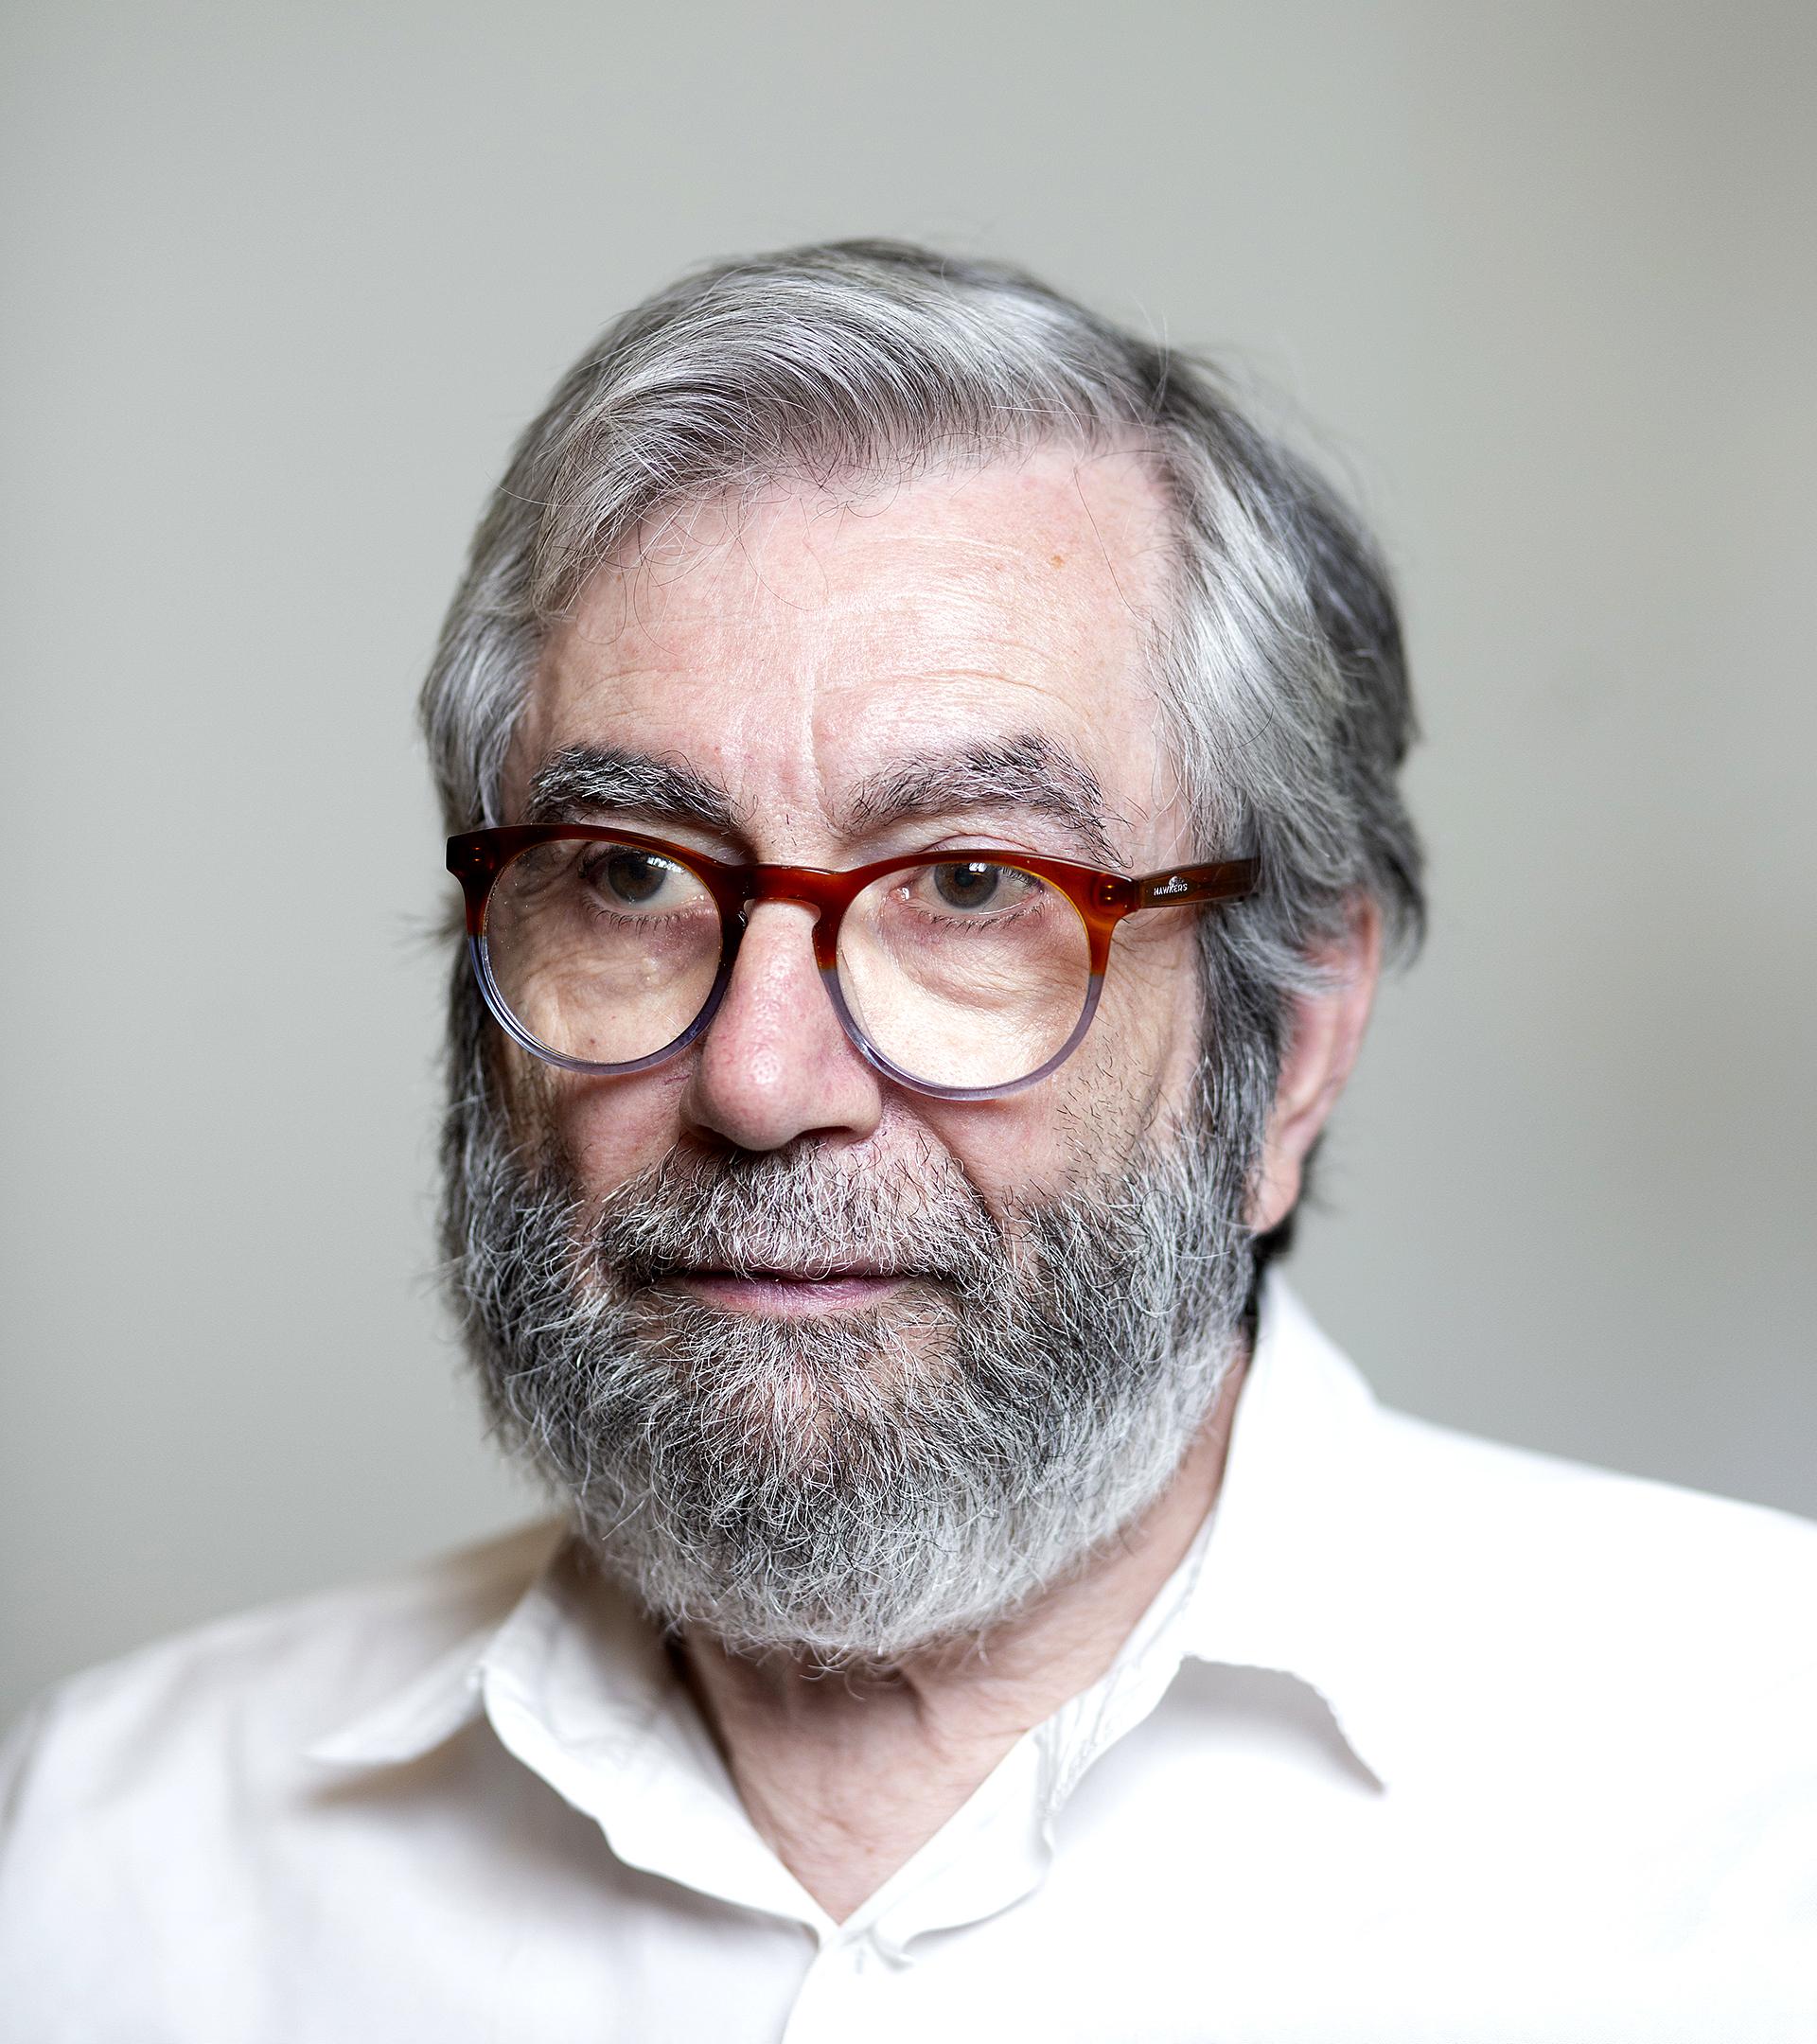 El escritor y académico Antonio Muñoz Molina.